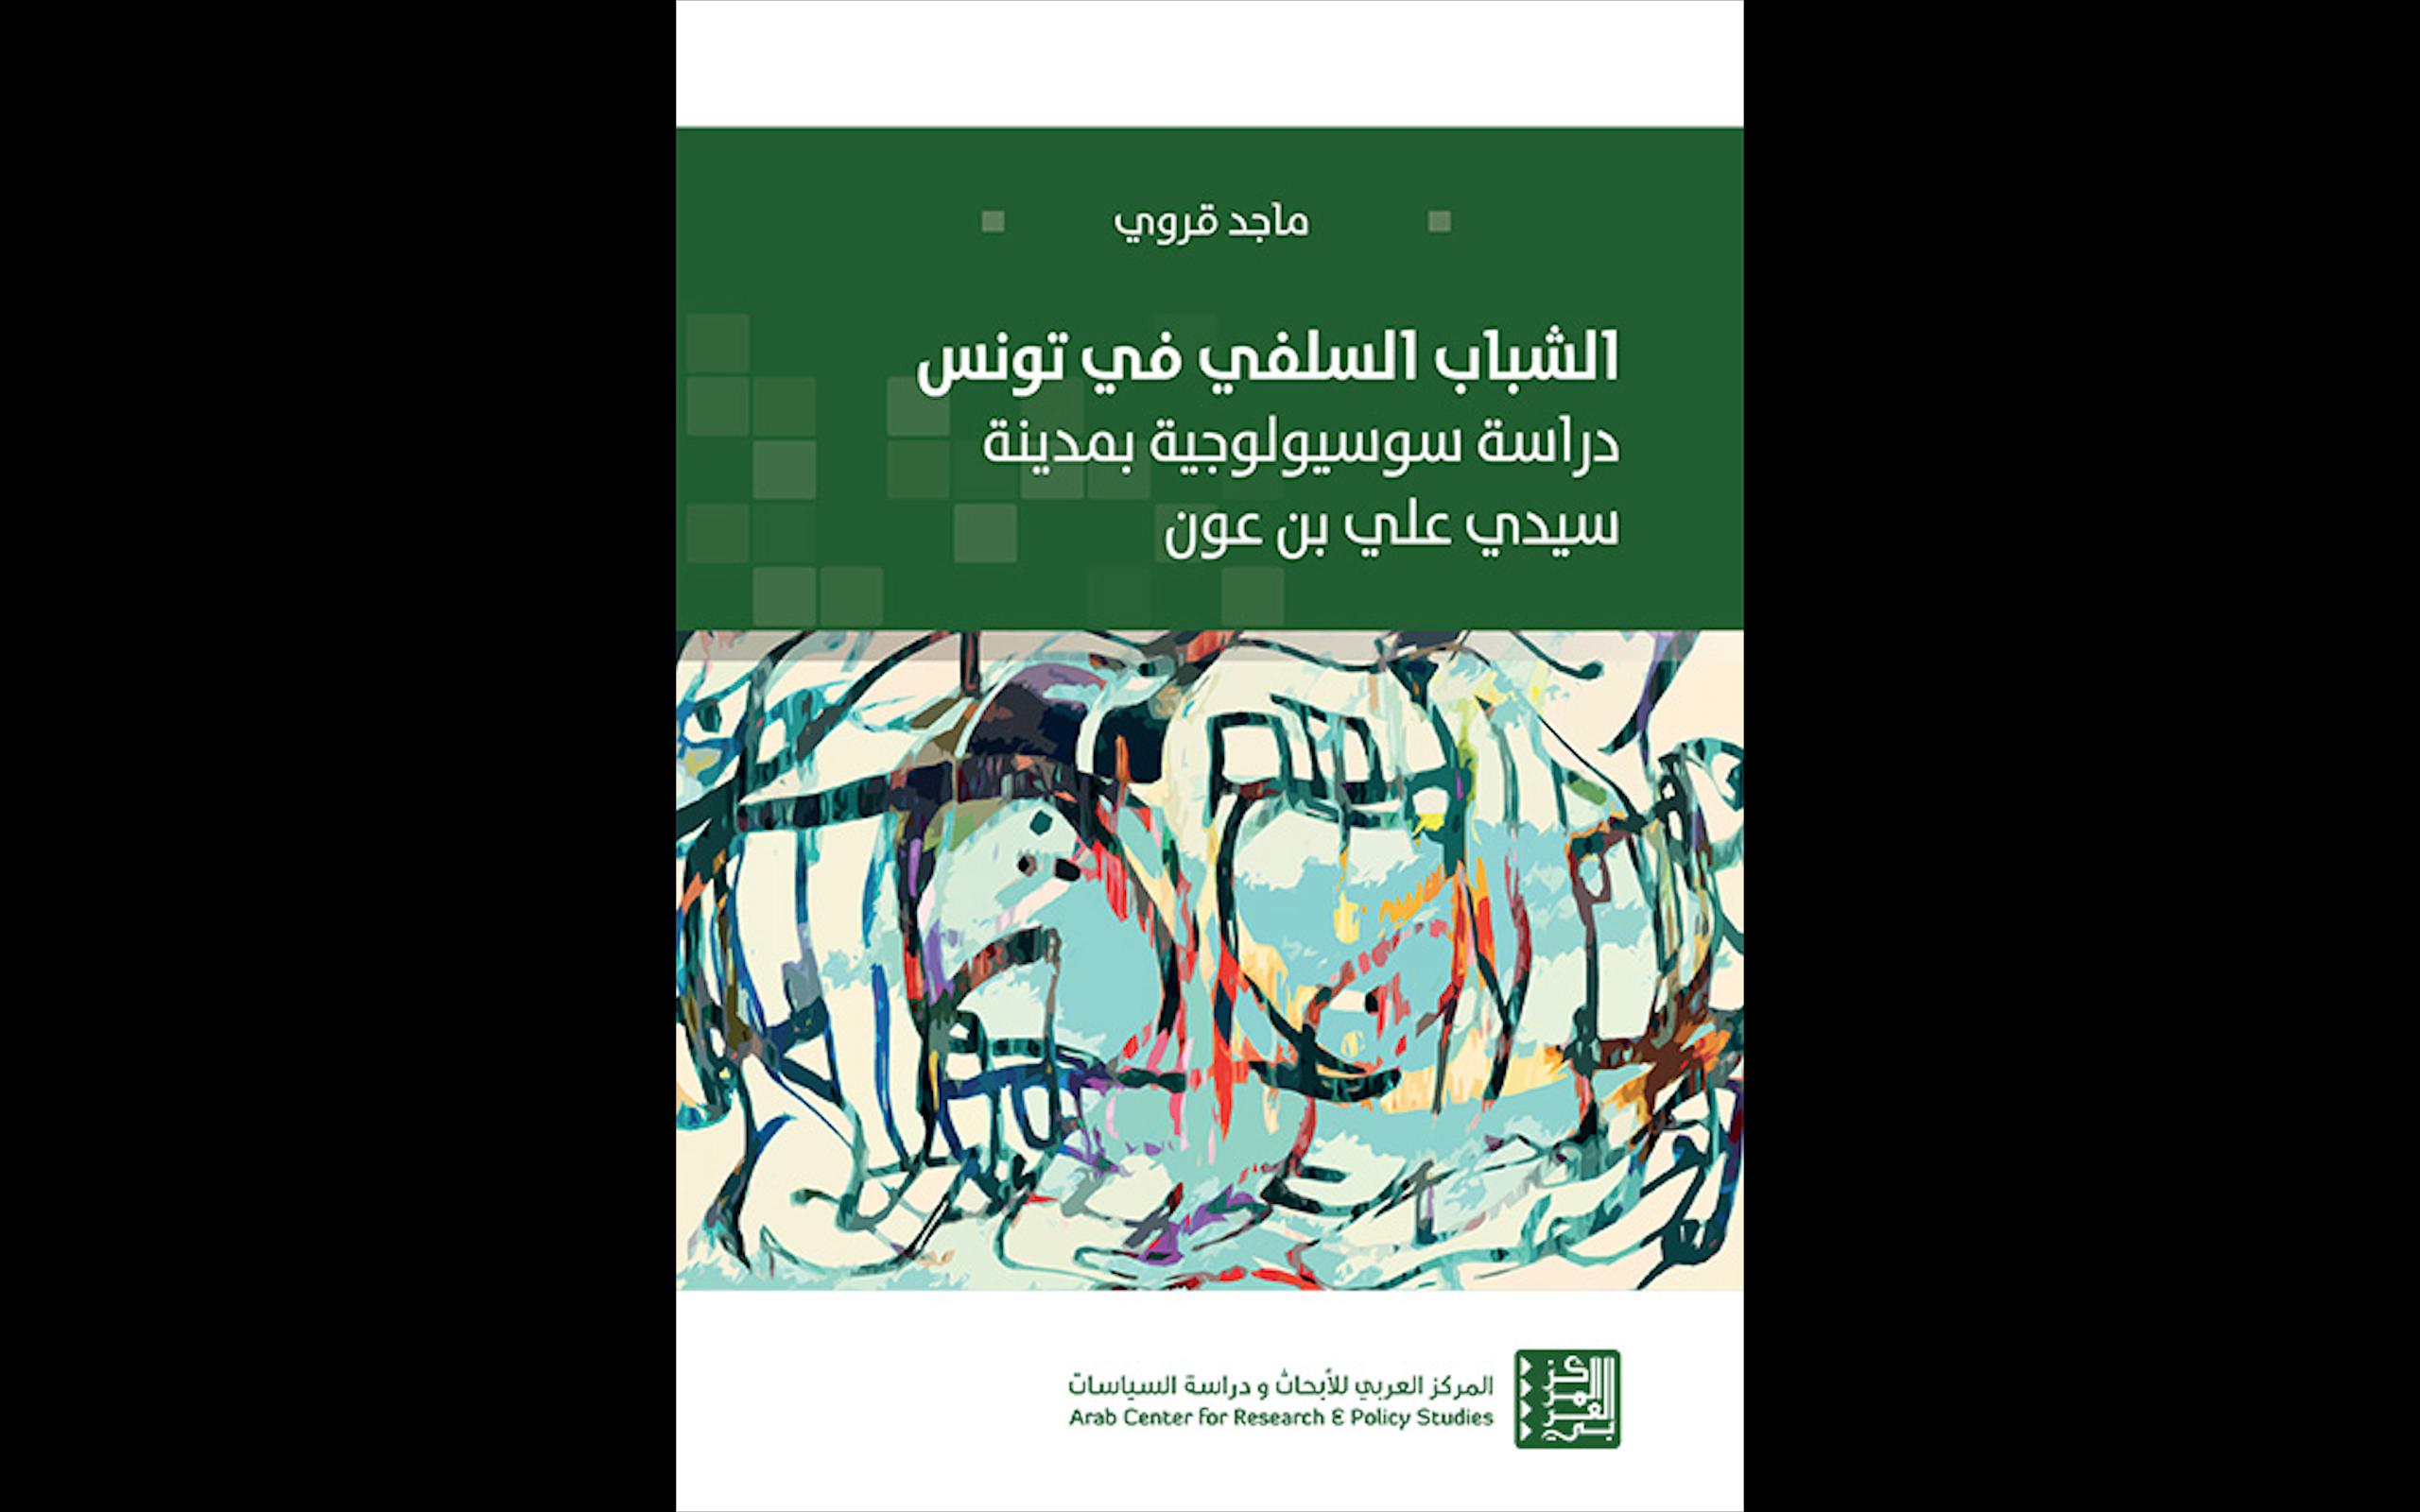 «الشباب السلفي في تونس: دراسة سوسيولوجية بمدينة سيدي علي بن عون» عن